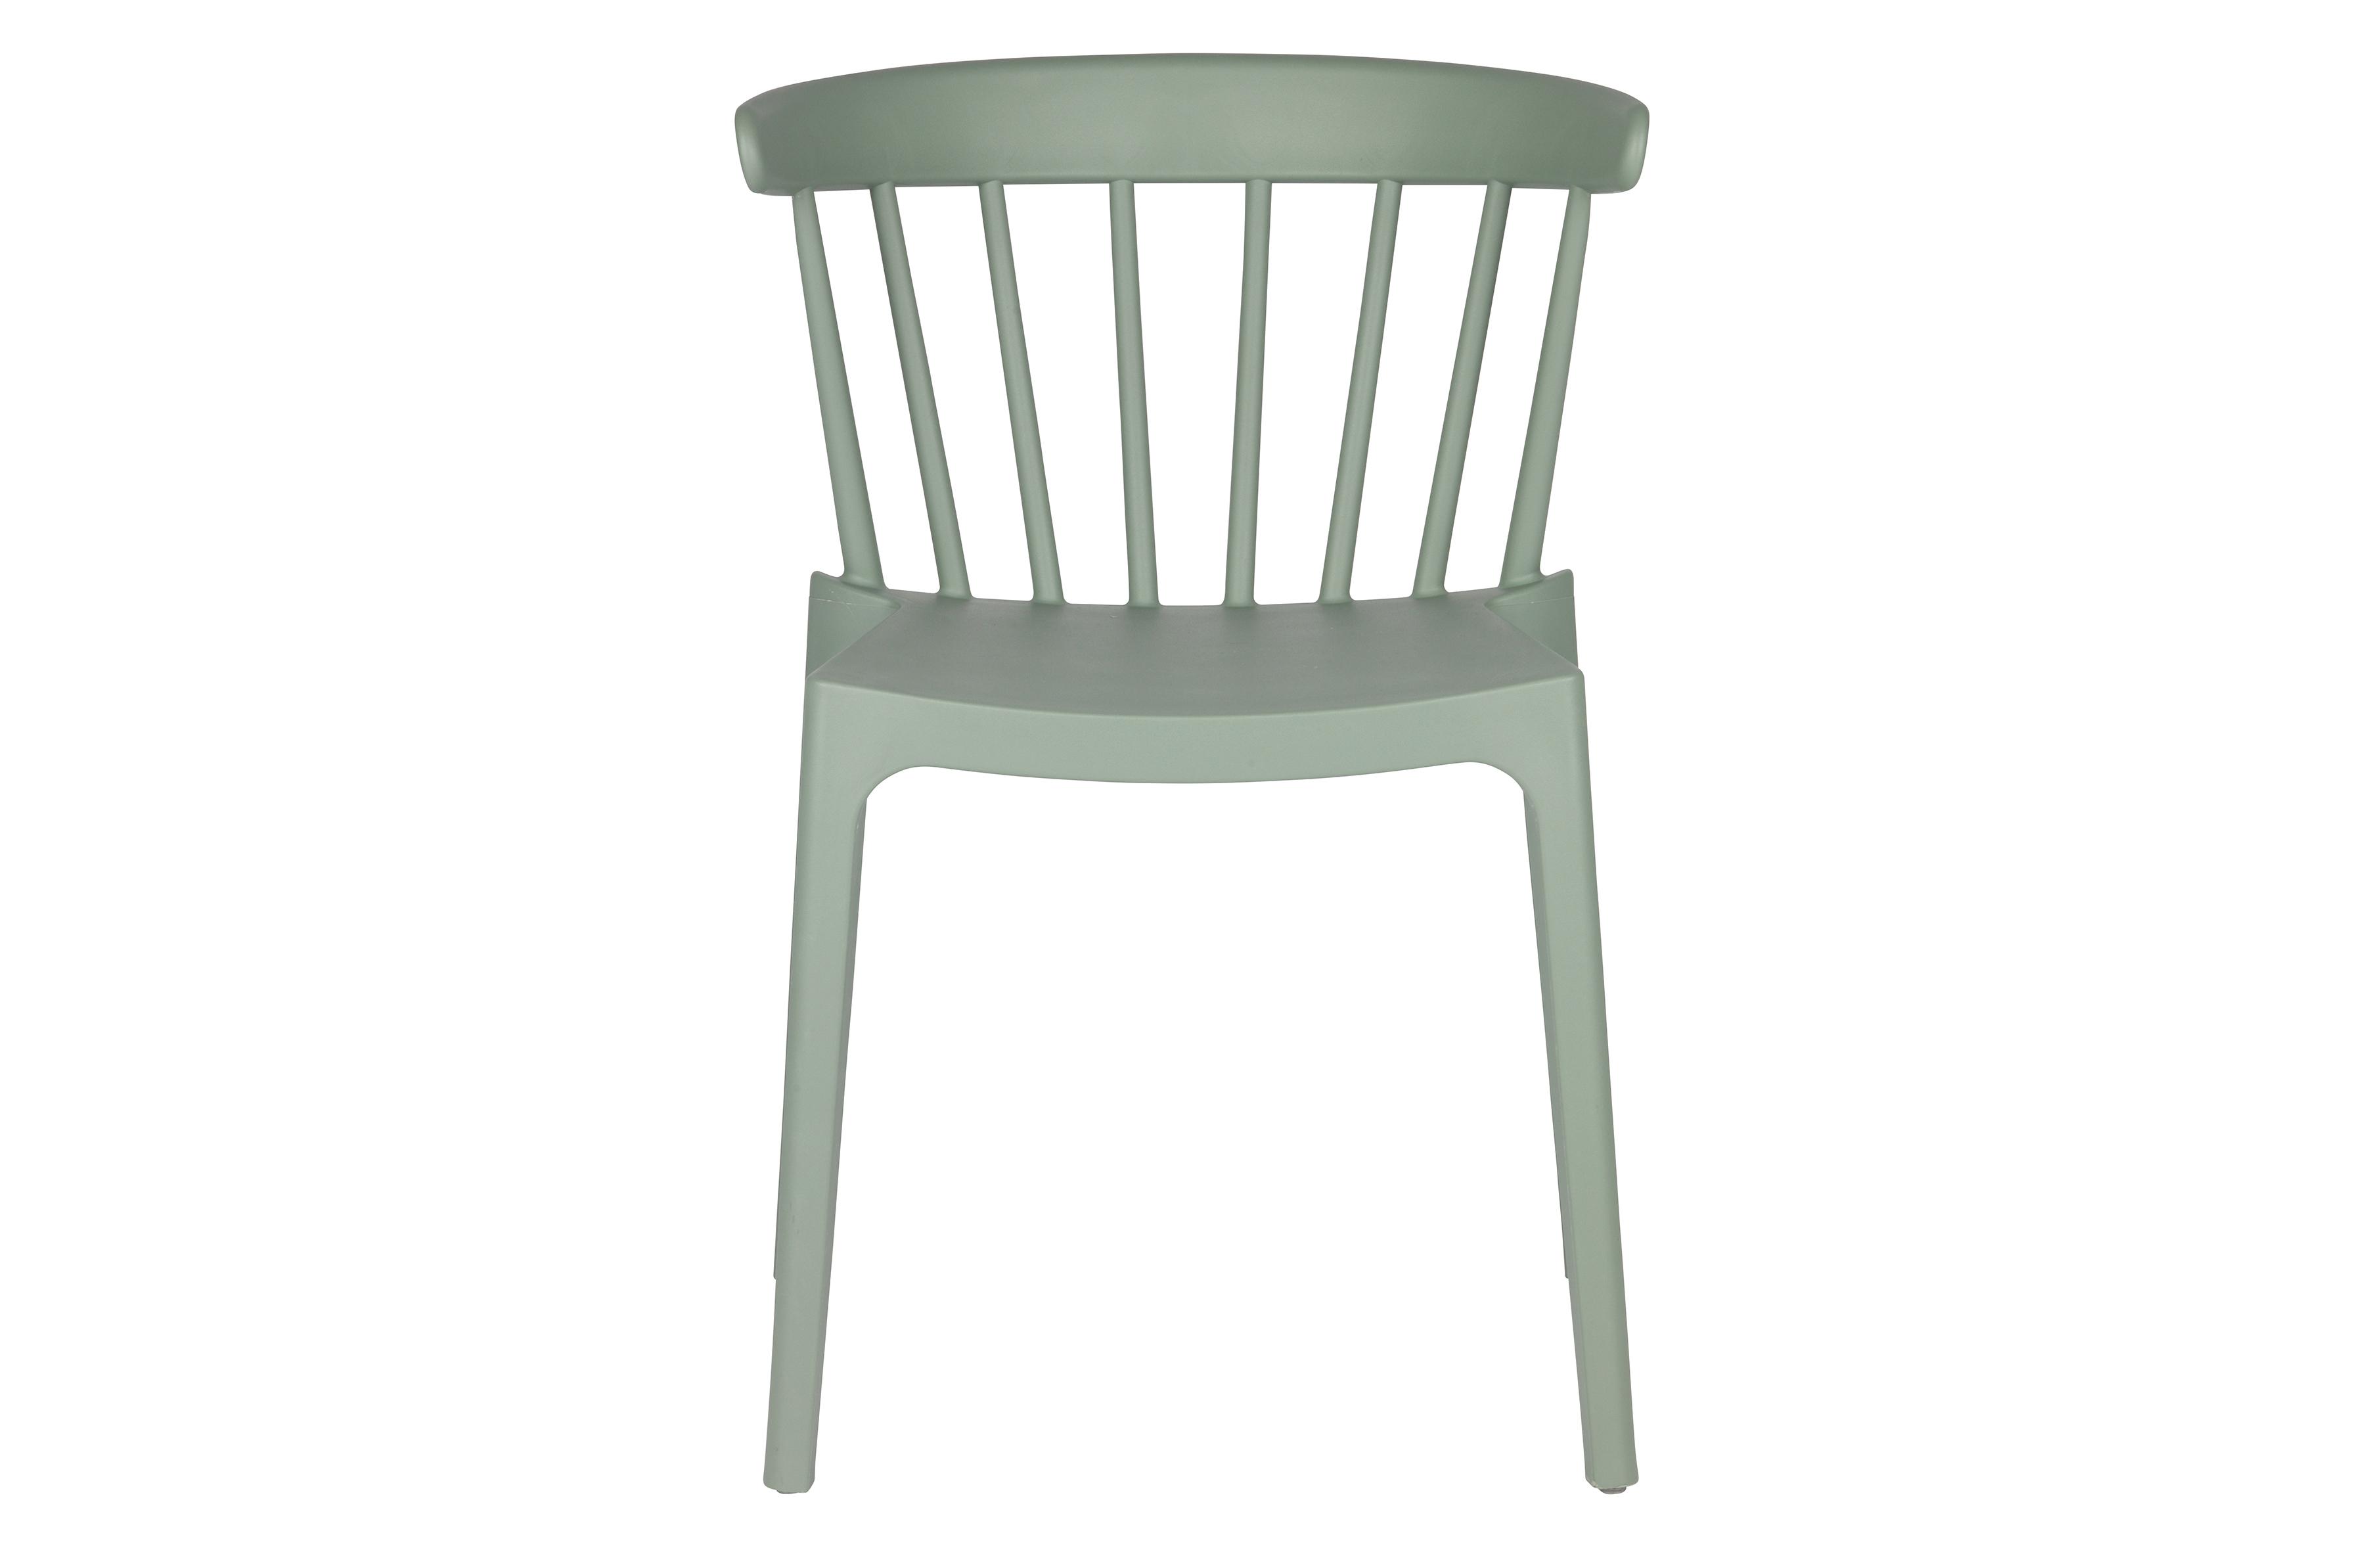 bliss bars stuhl aus kunststoff grun st hle esszimmer de eekhoorn. Black Bedroom Furniture Sets. Home Design Ideas